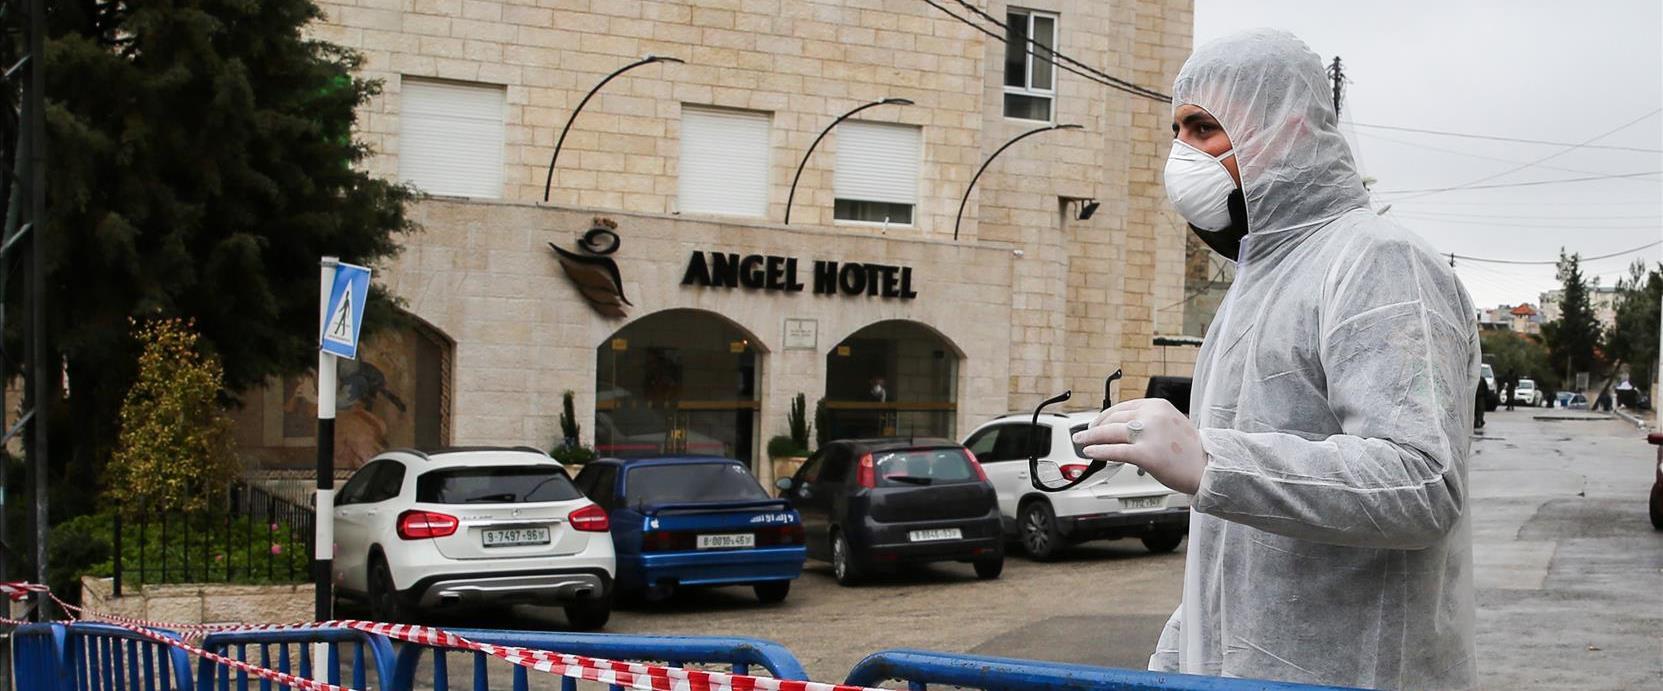 איש בריאות פלסטיני ליד מלון אנג'ל בבית ג'אלה